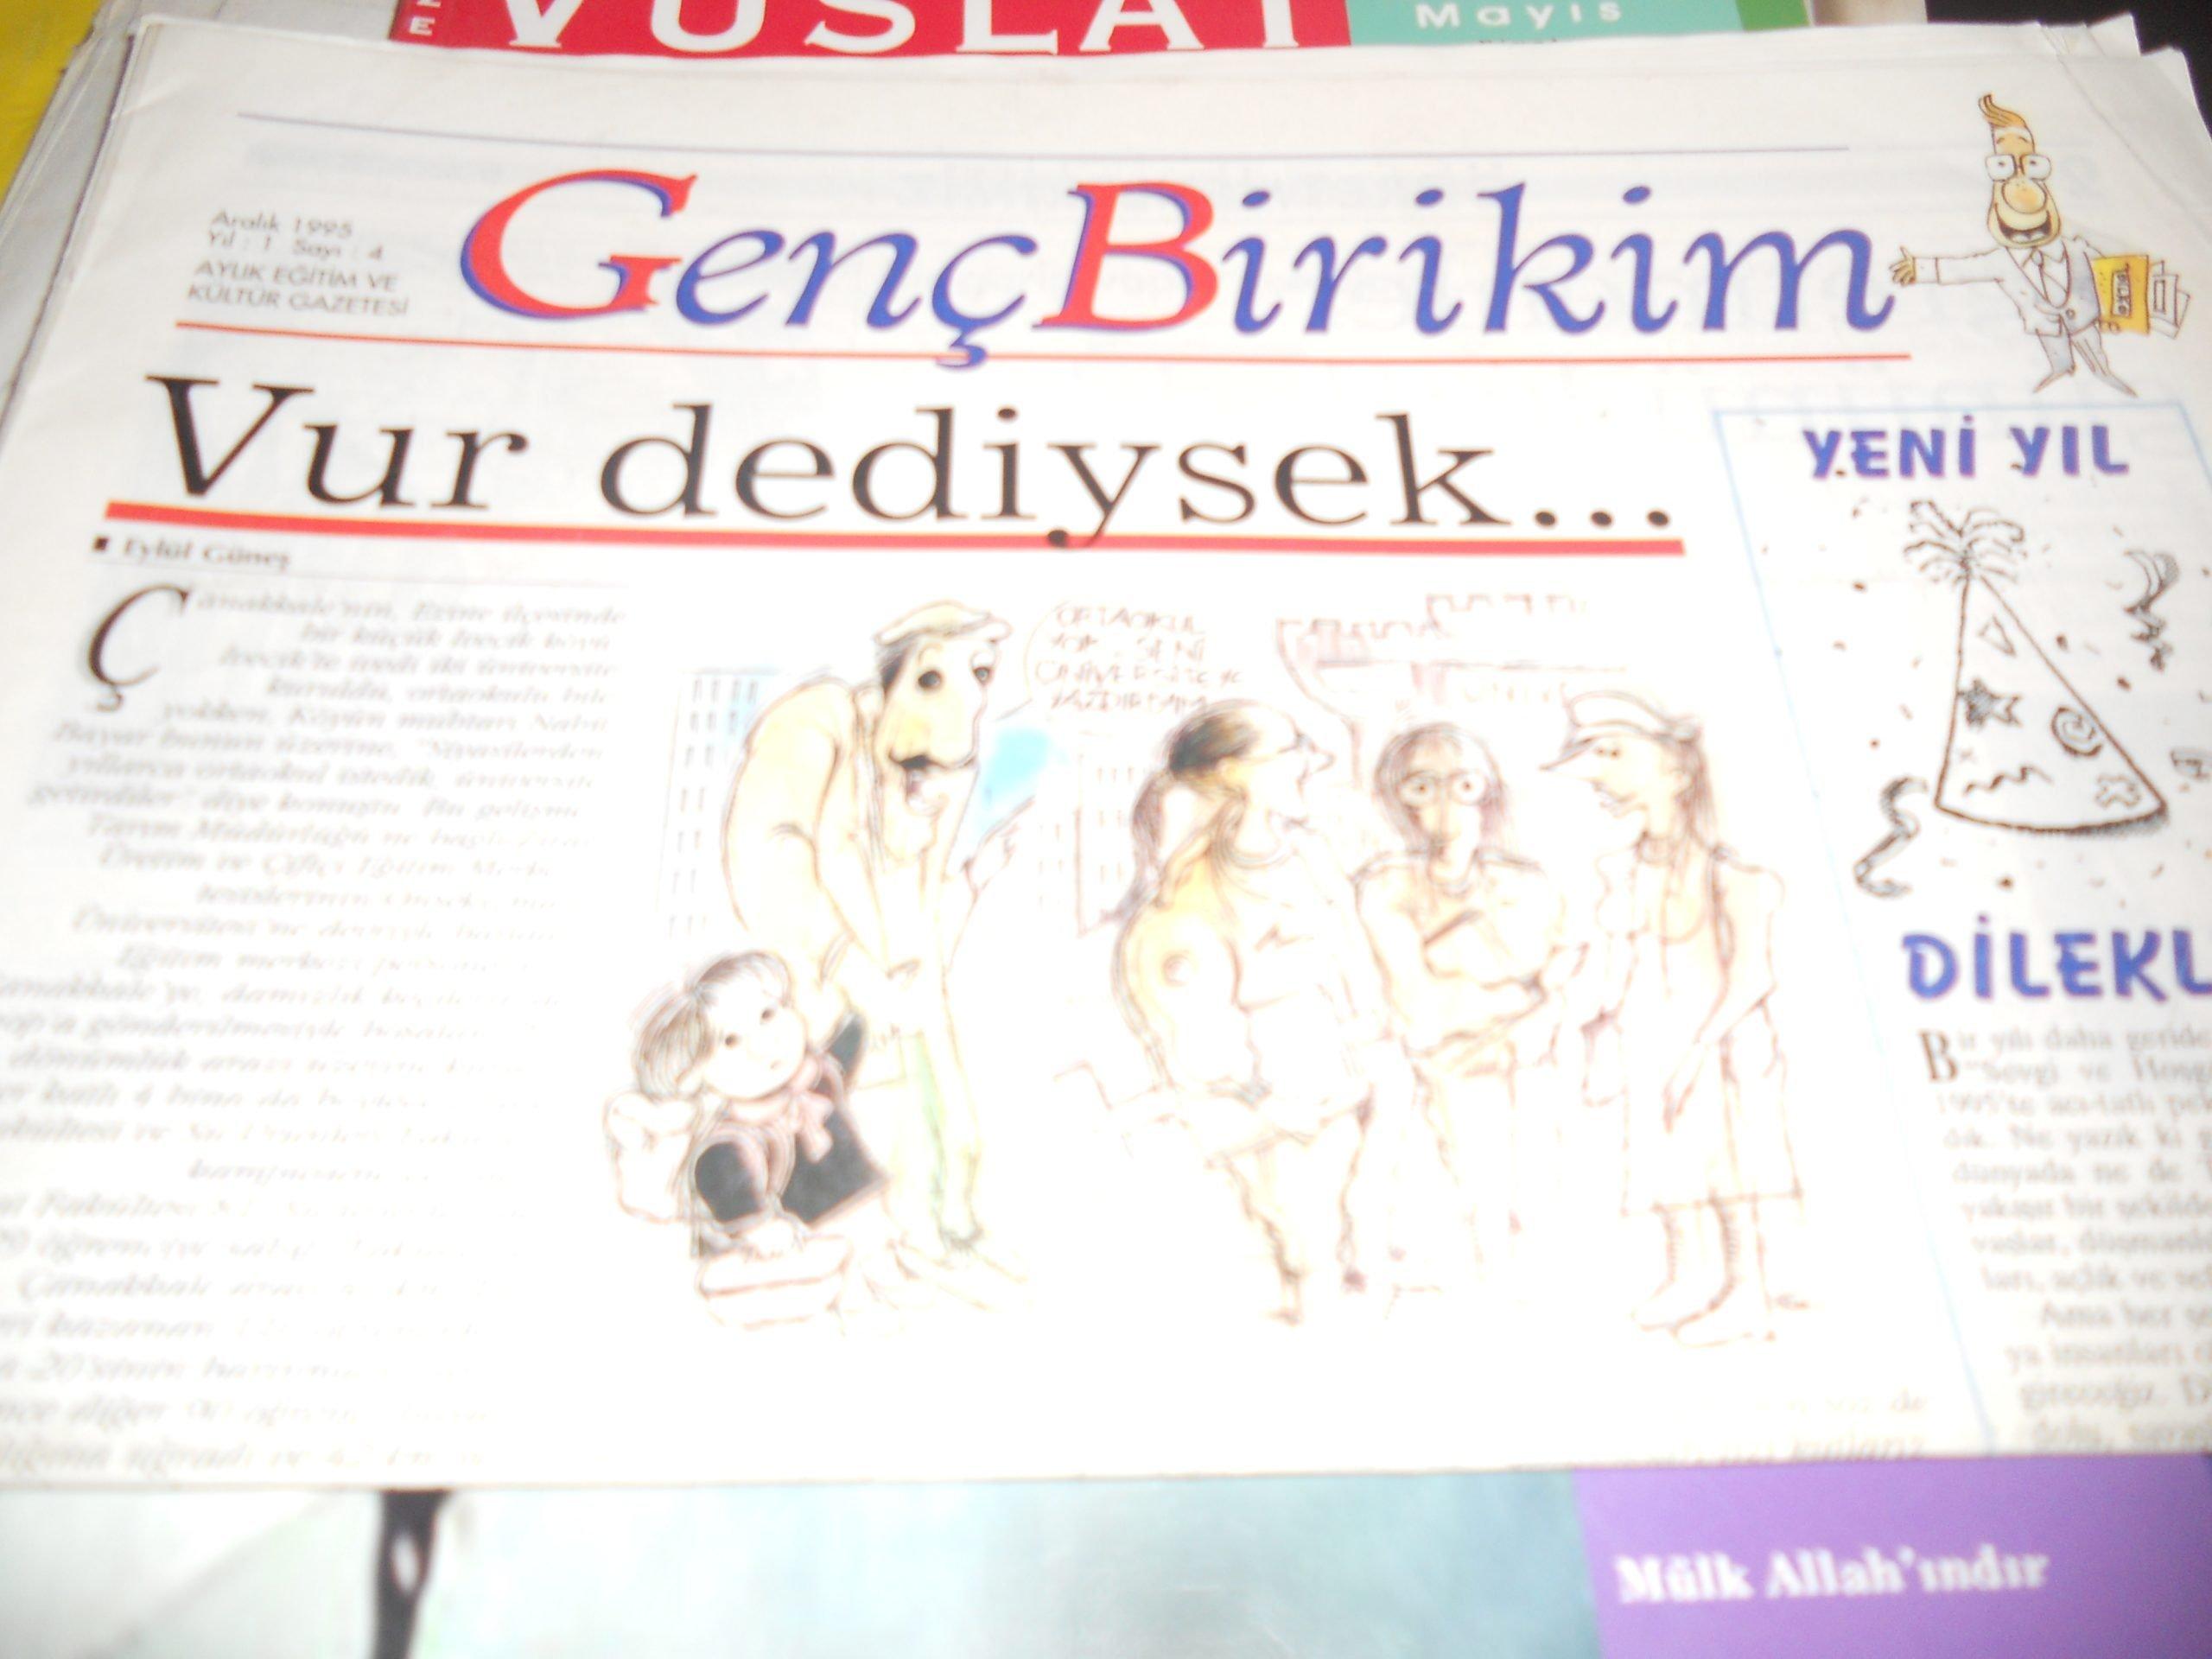 Genç Birikim/Aralık 1995 sayı-4/5 tl